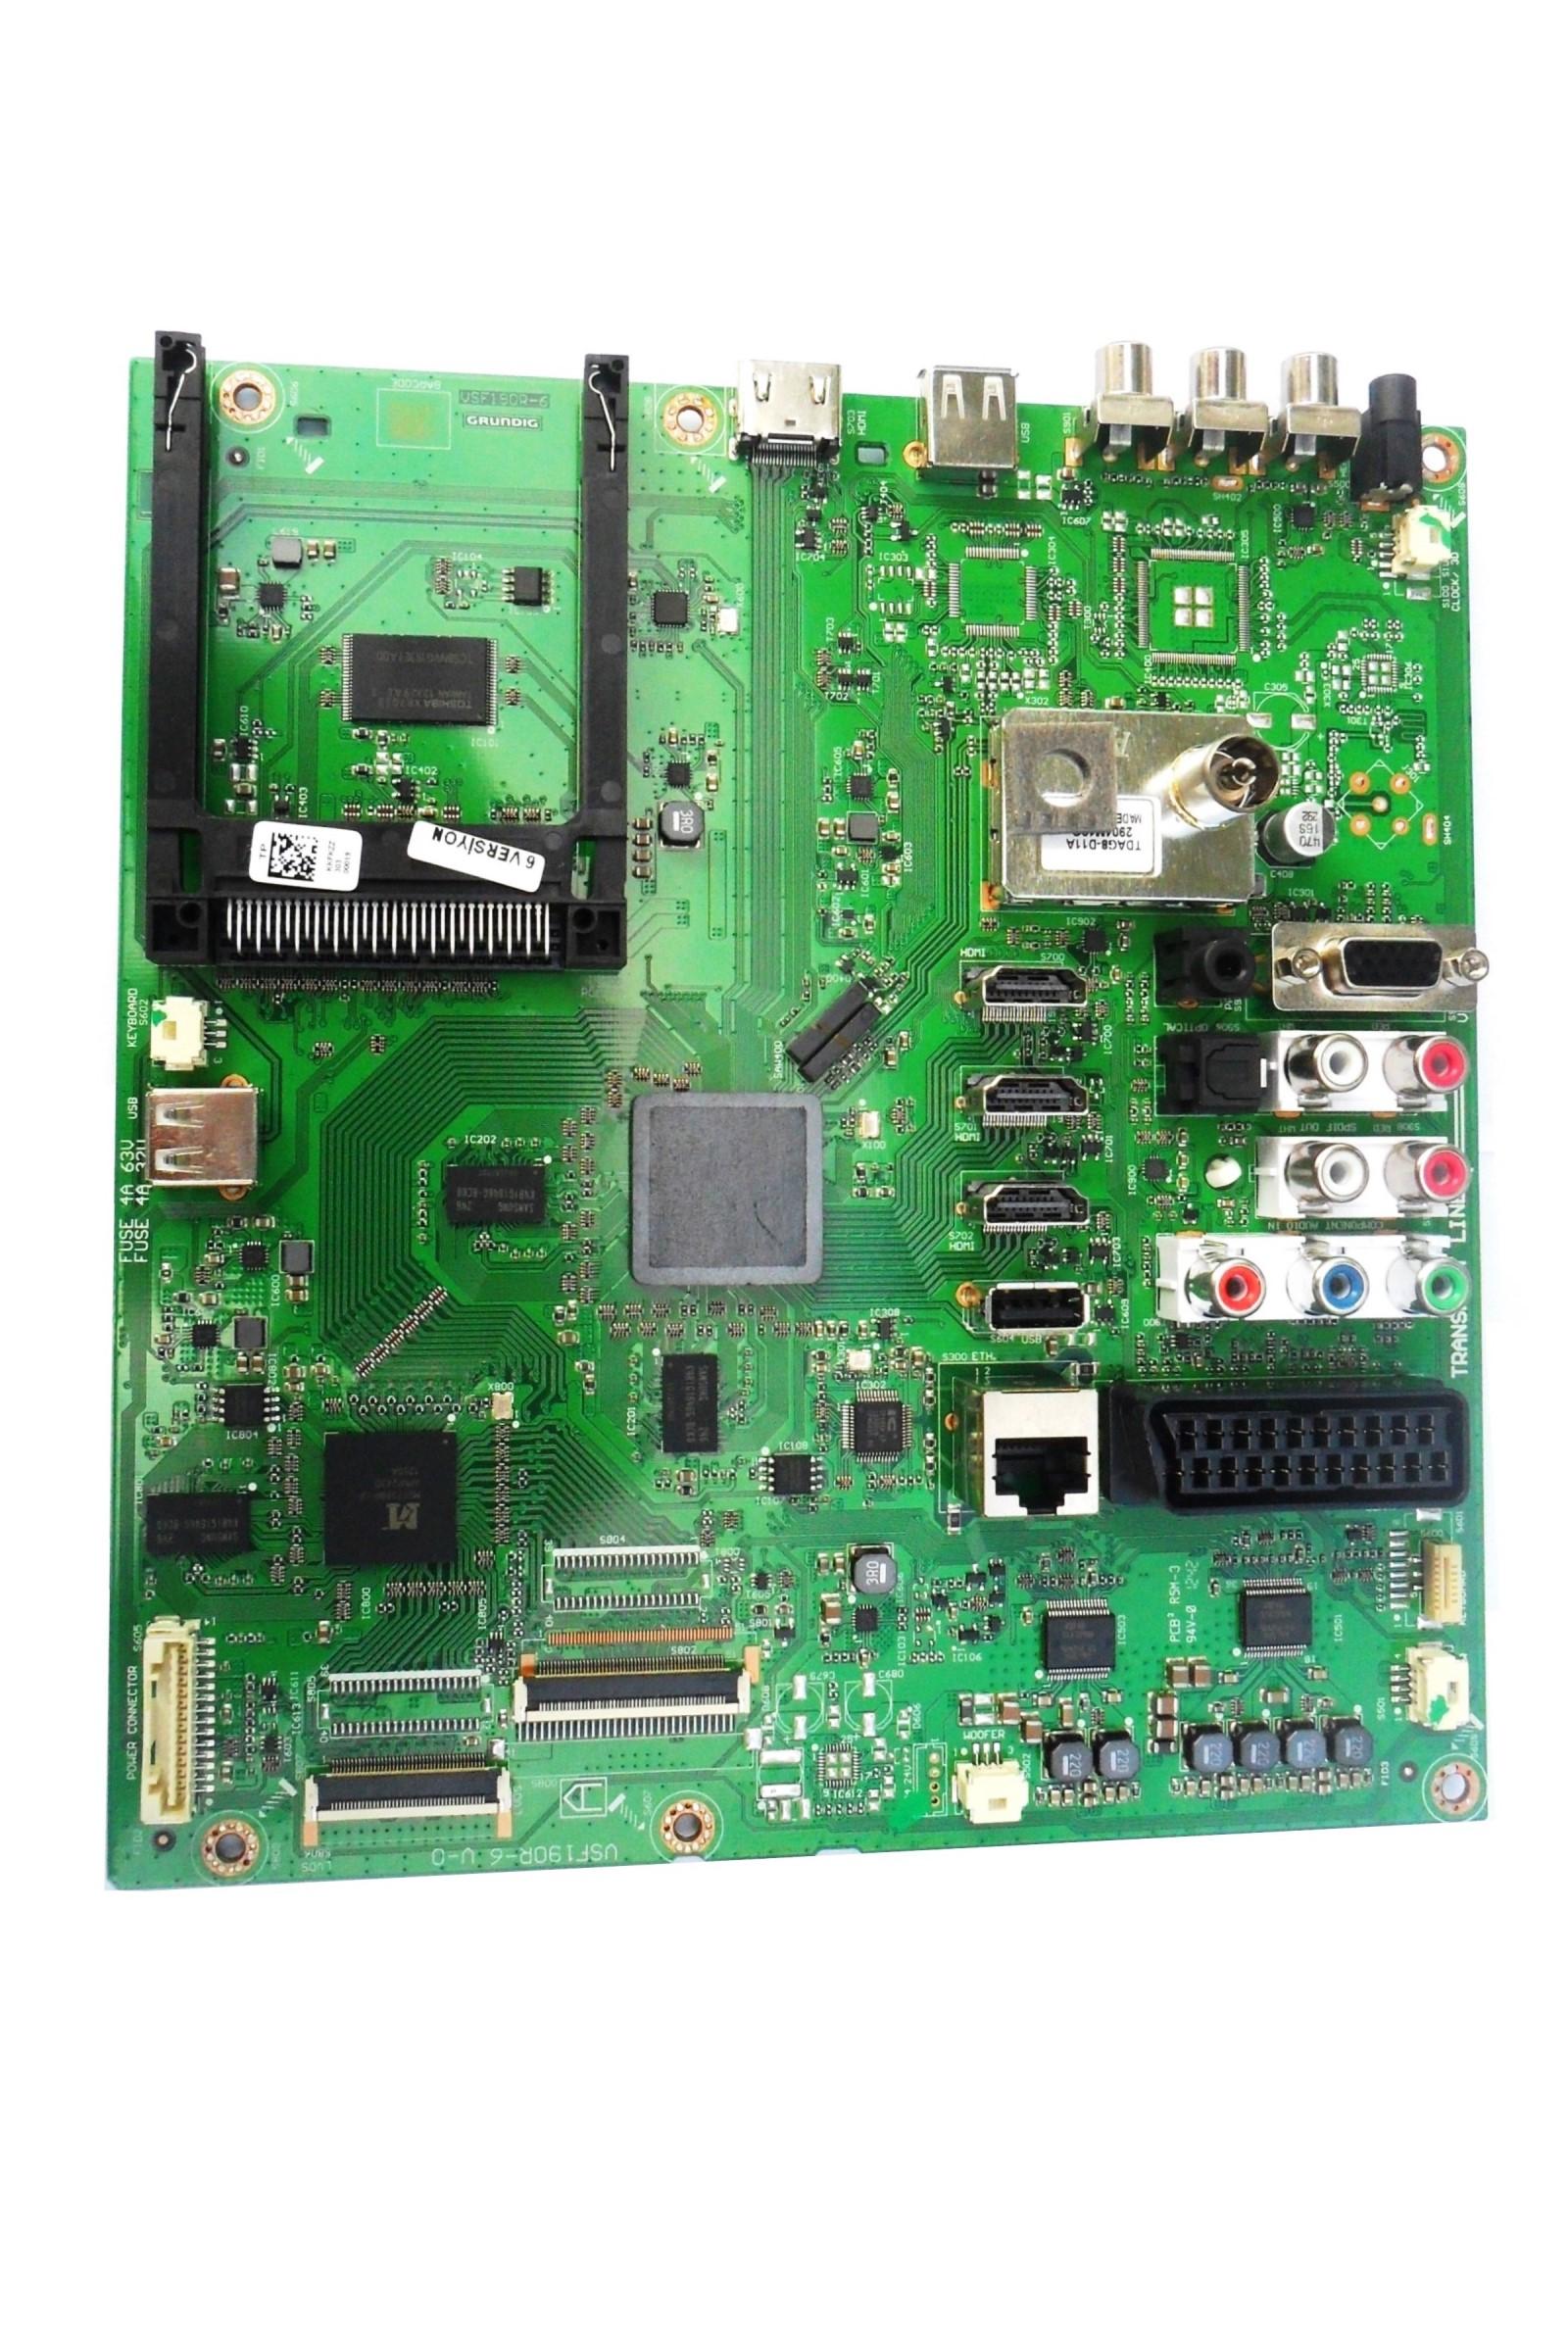 KKF110 R1